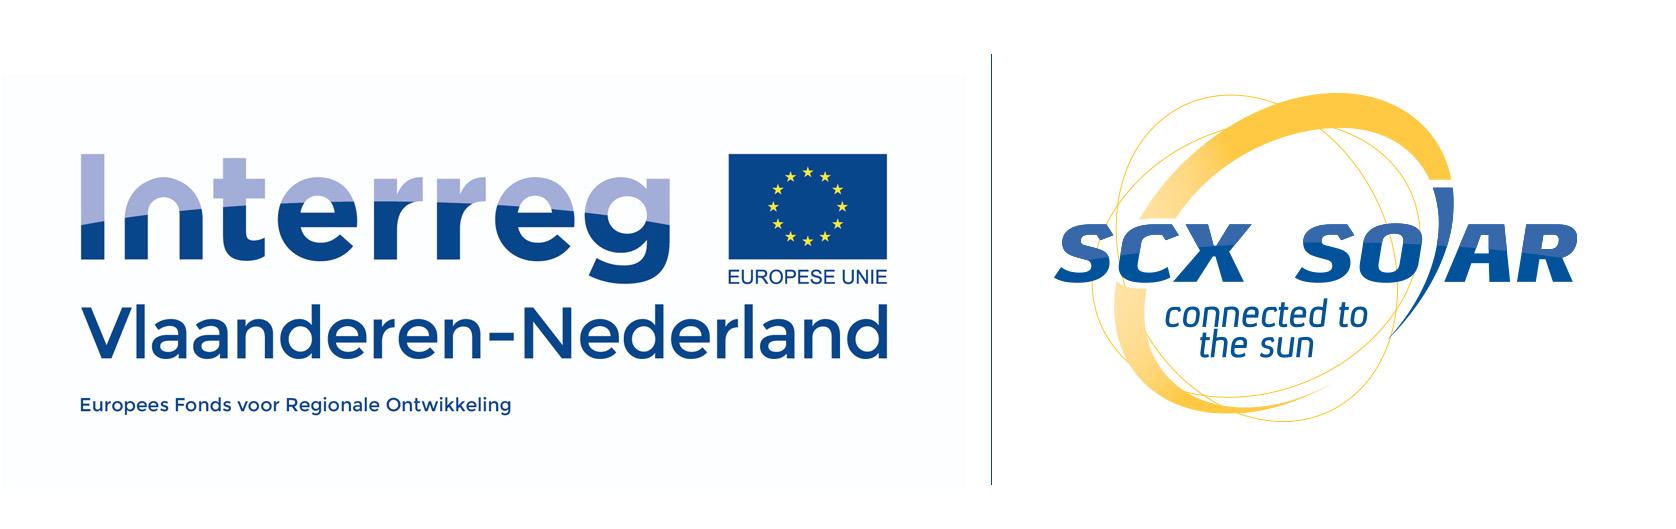 Interreg logo samenwerking SCX Solar Someren